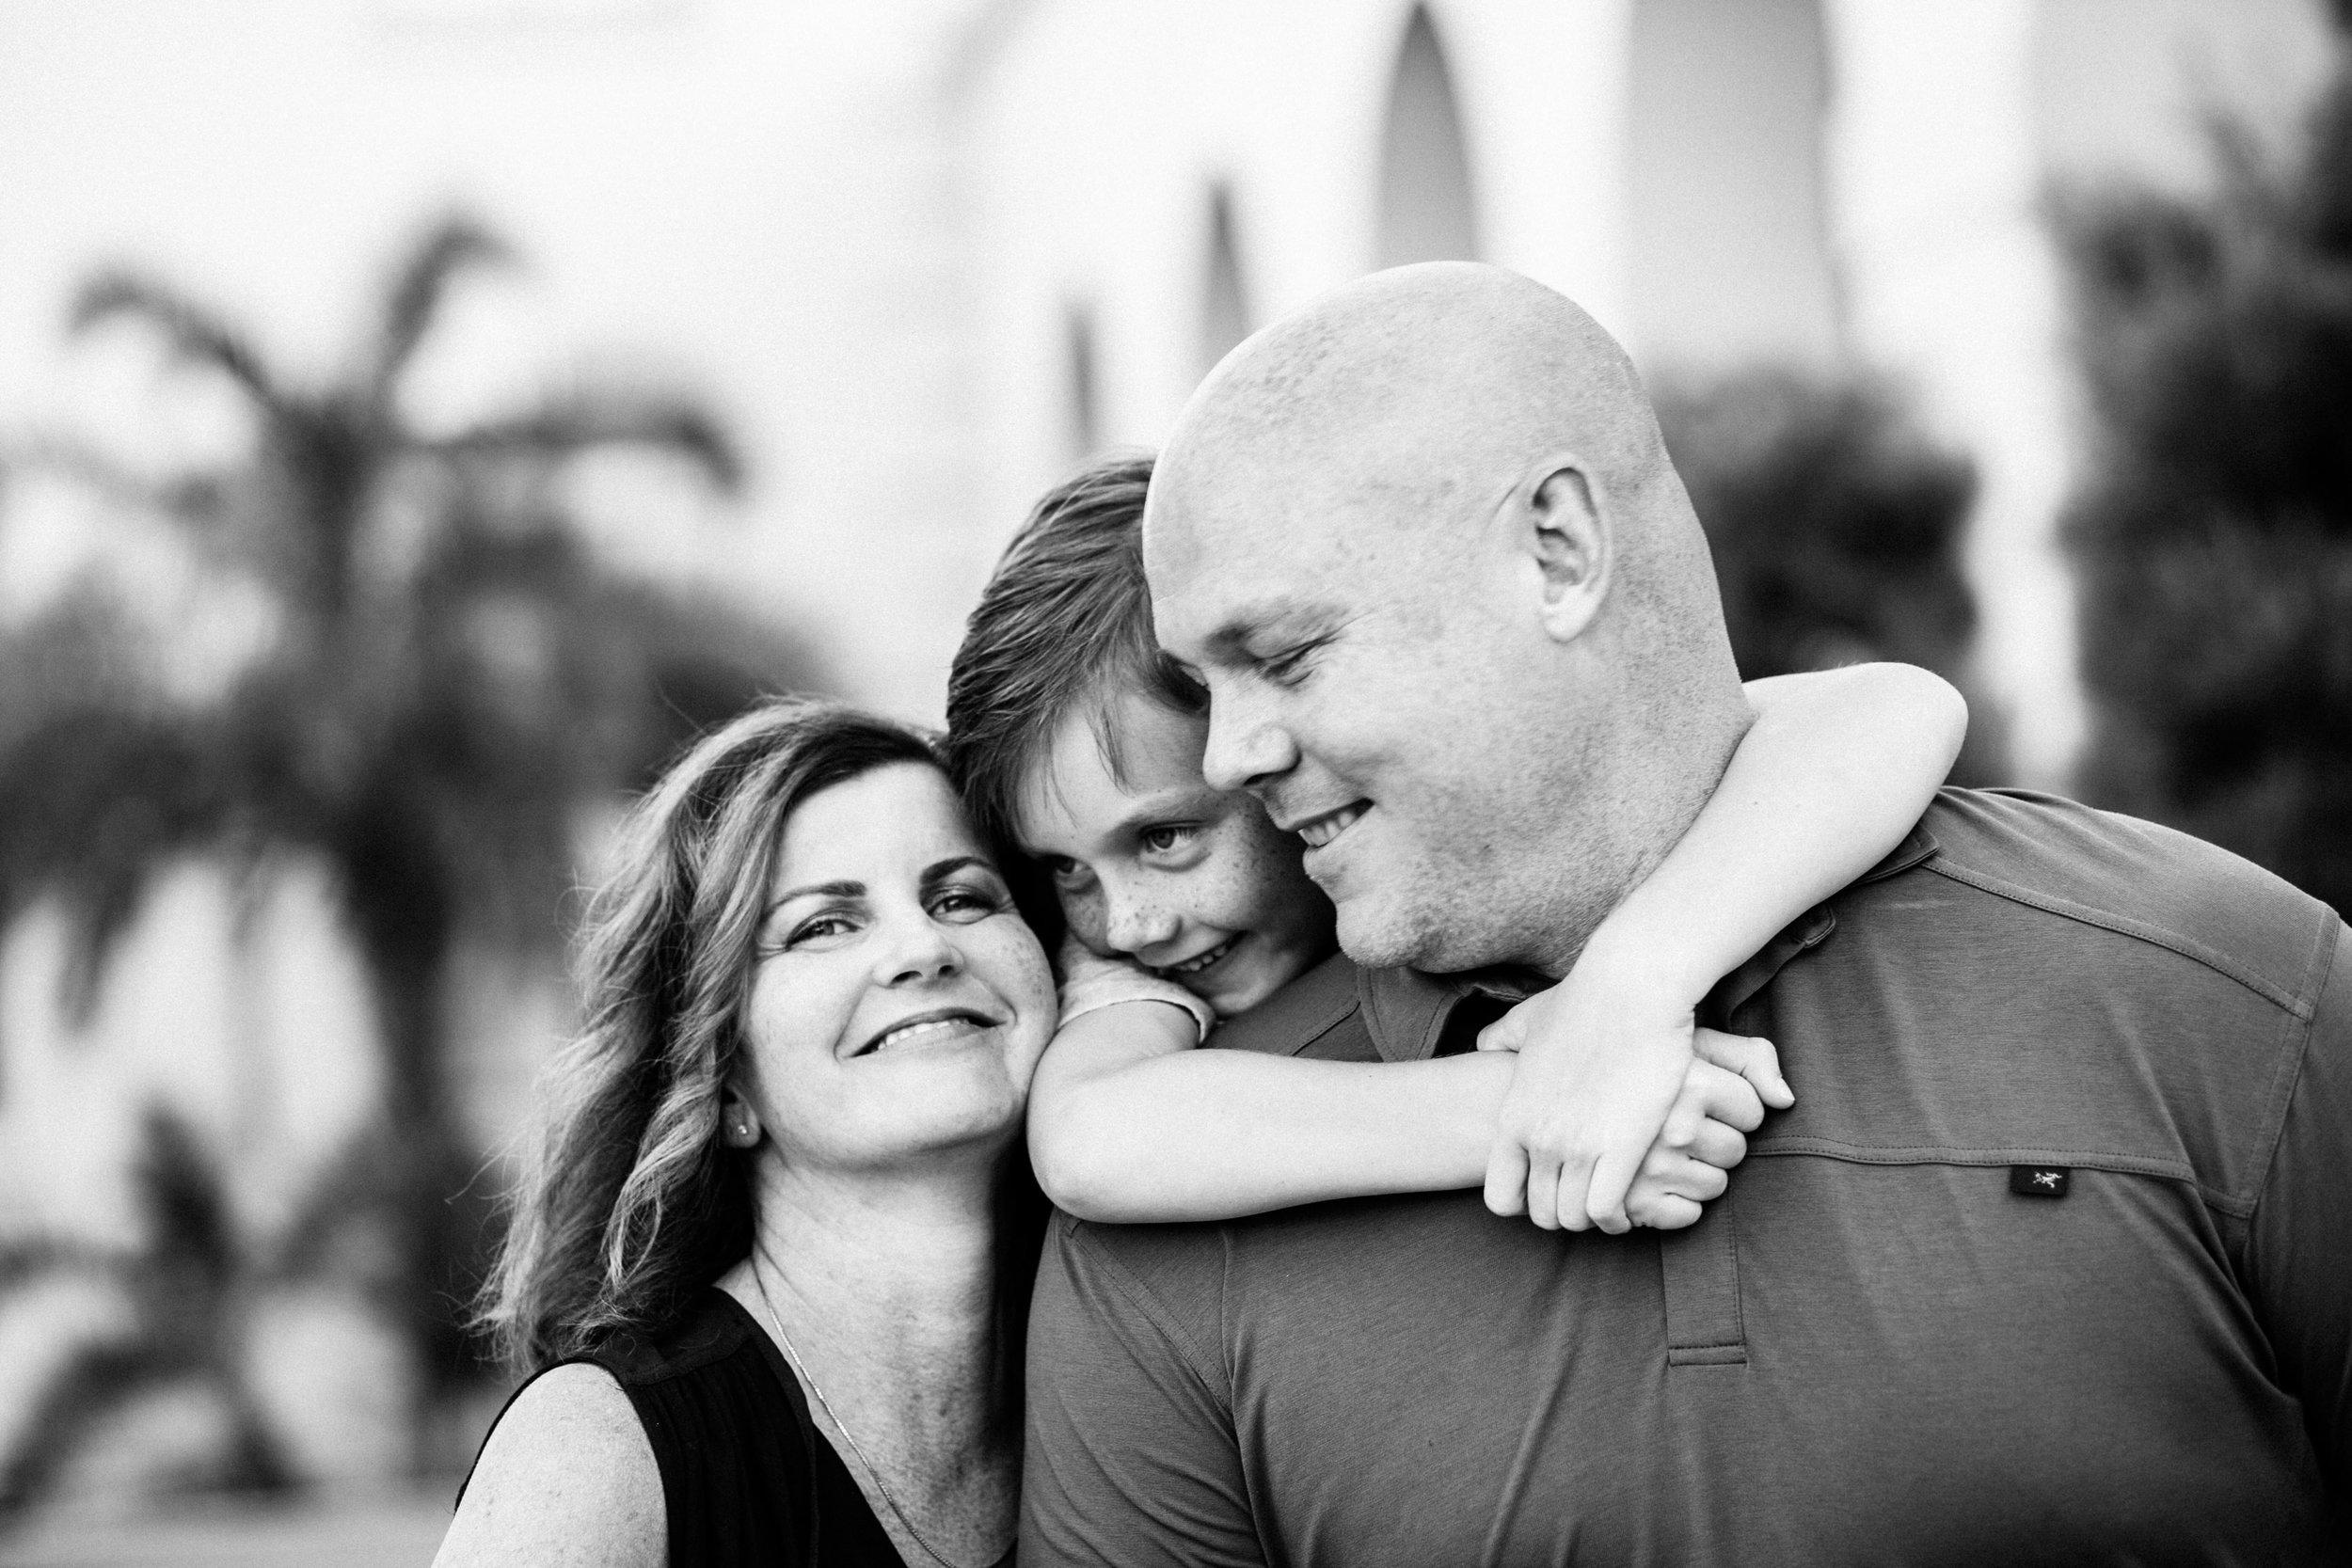 Pasadena City Hall Family Photography Session 14.jpg